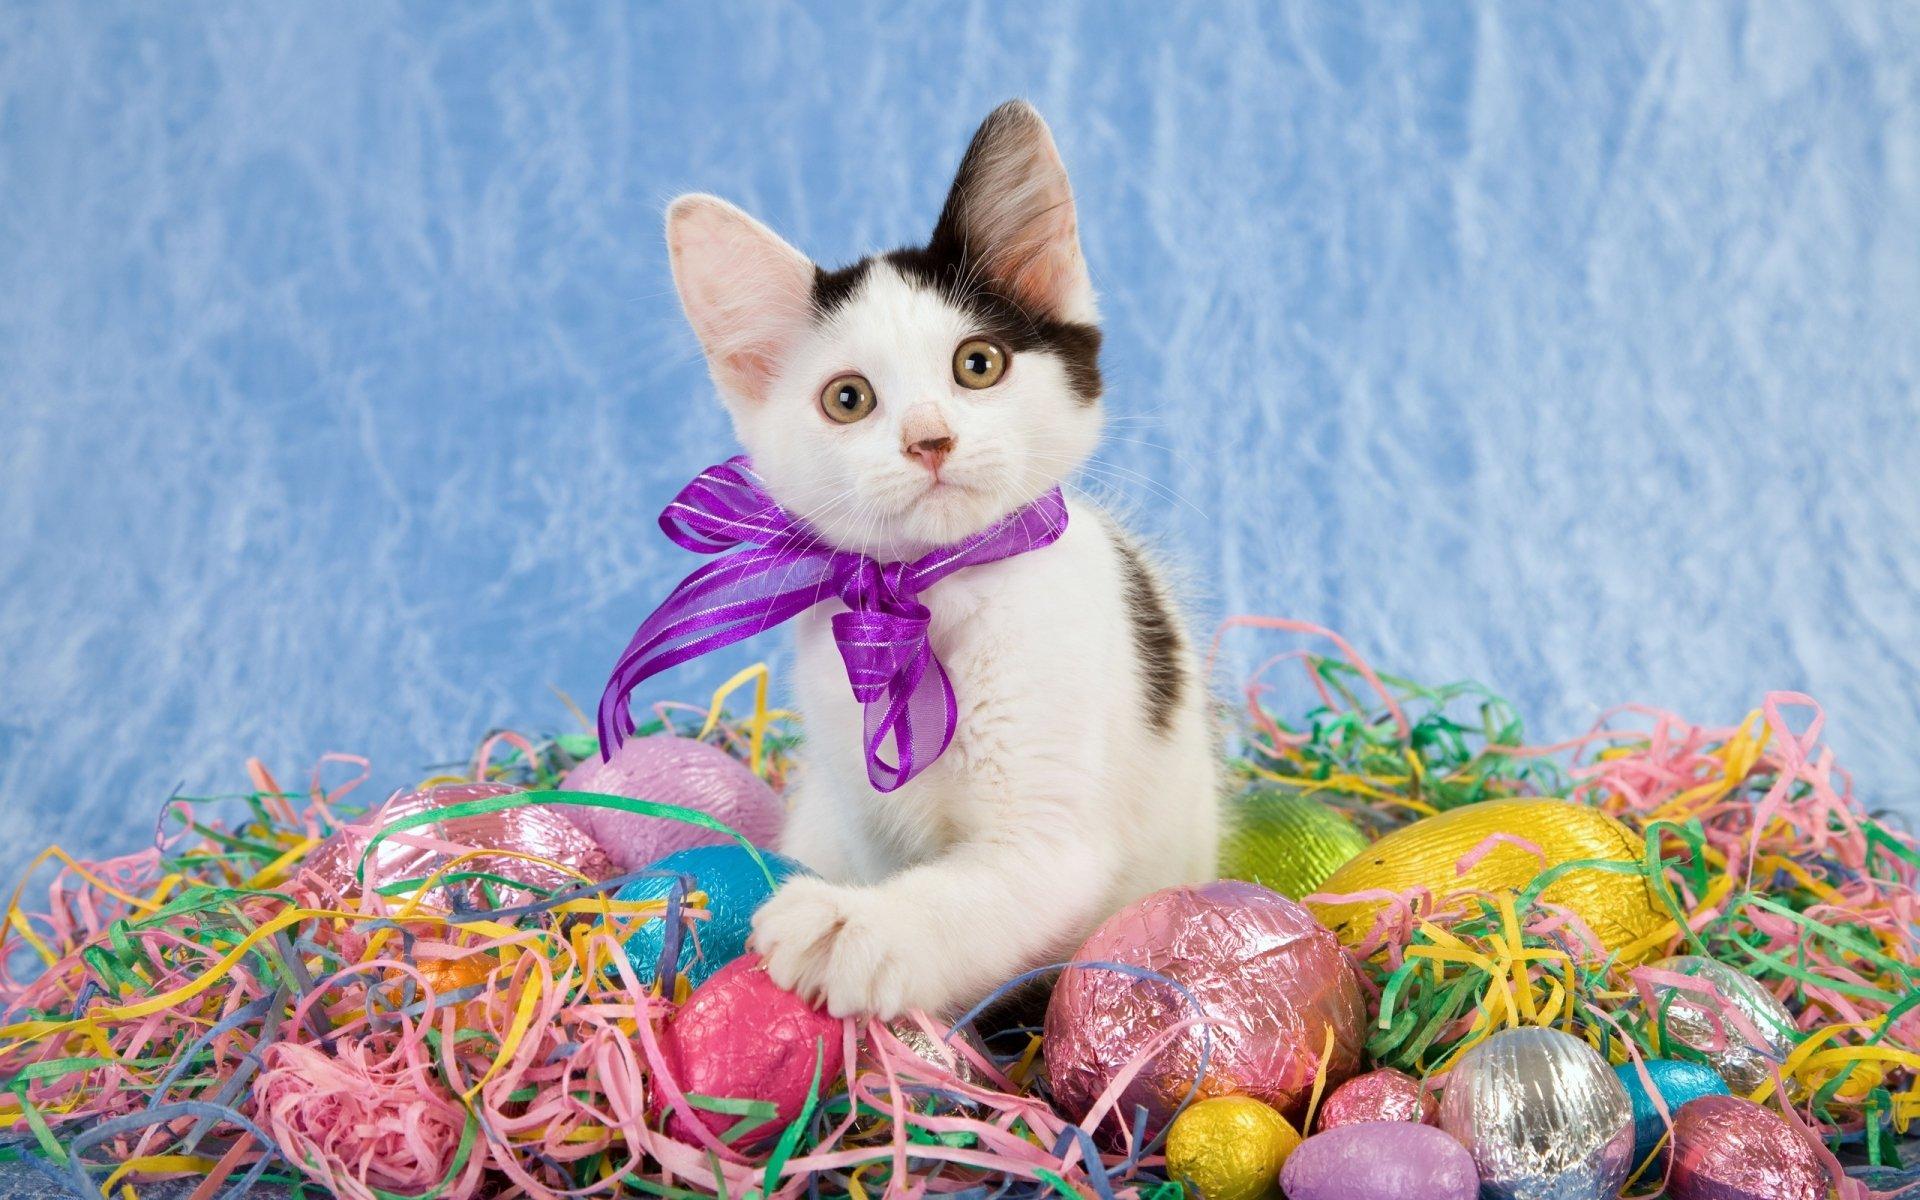 Animais - Gato  Kitten Páscoa Easter Egg Ovo Animais Baby Animal Papel de Parede